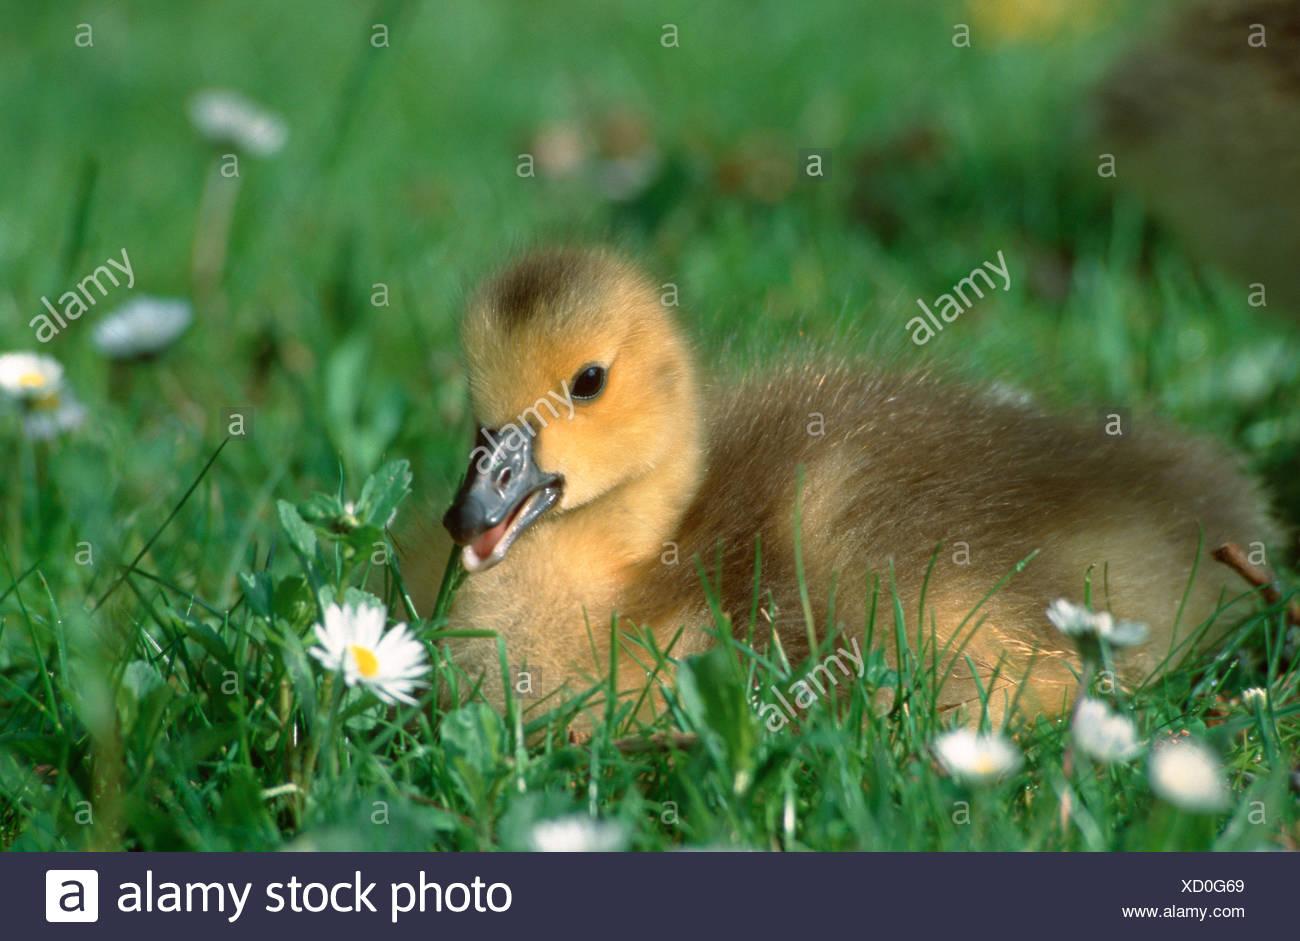 Canada Goose gosling North Rhine Westphalia Germany Branta canadensis Kanadagans Goessel Nordrhein Westfalen Deutschland